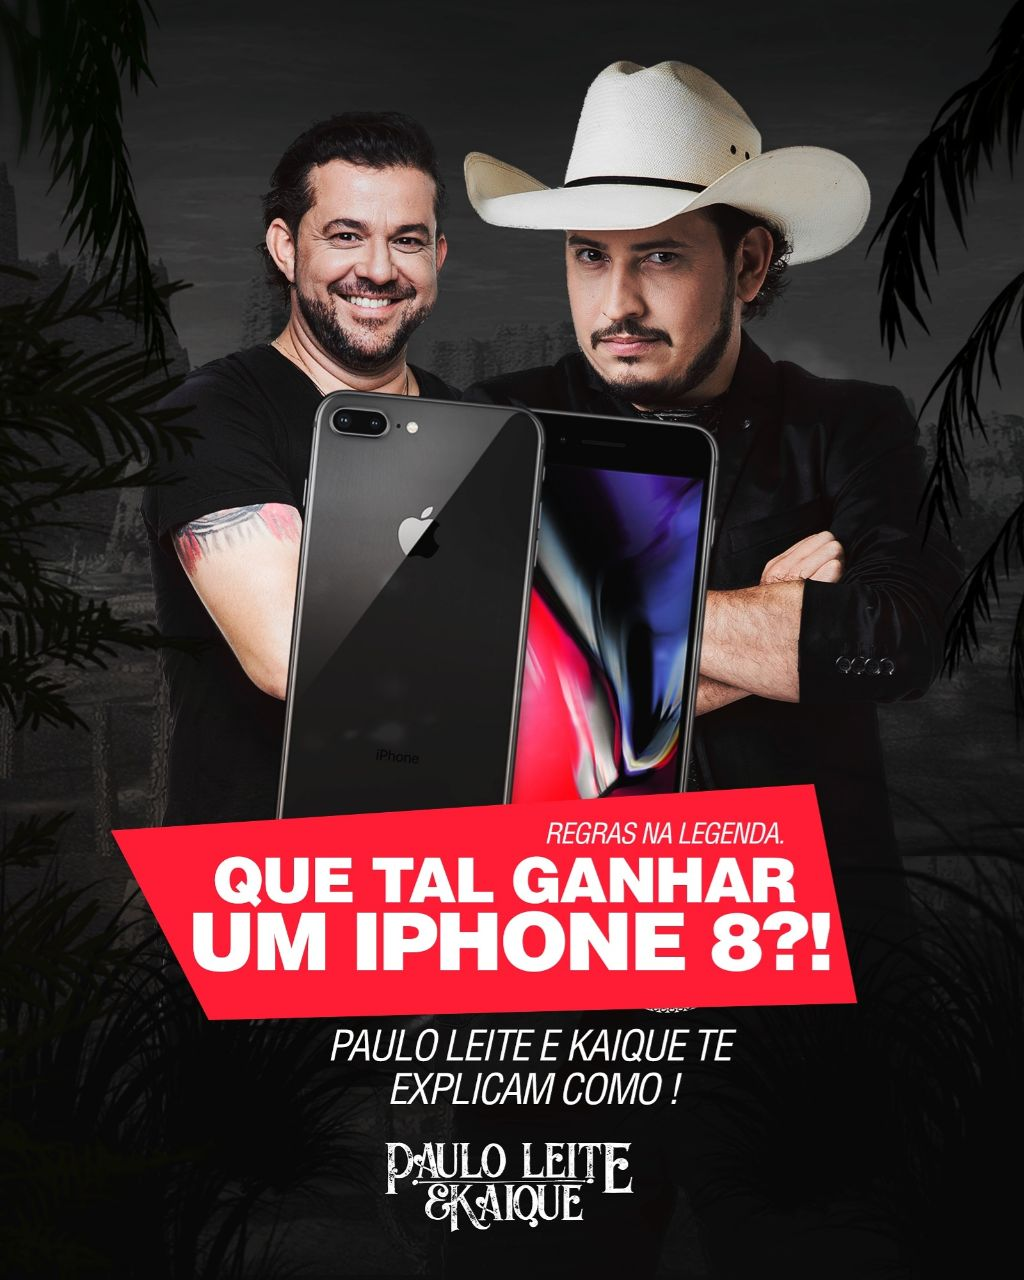 Paulo Leite & Kaique lançam EP